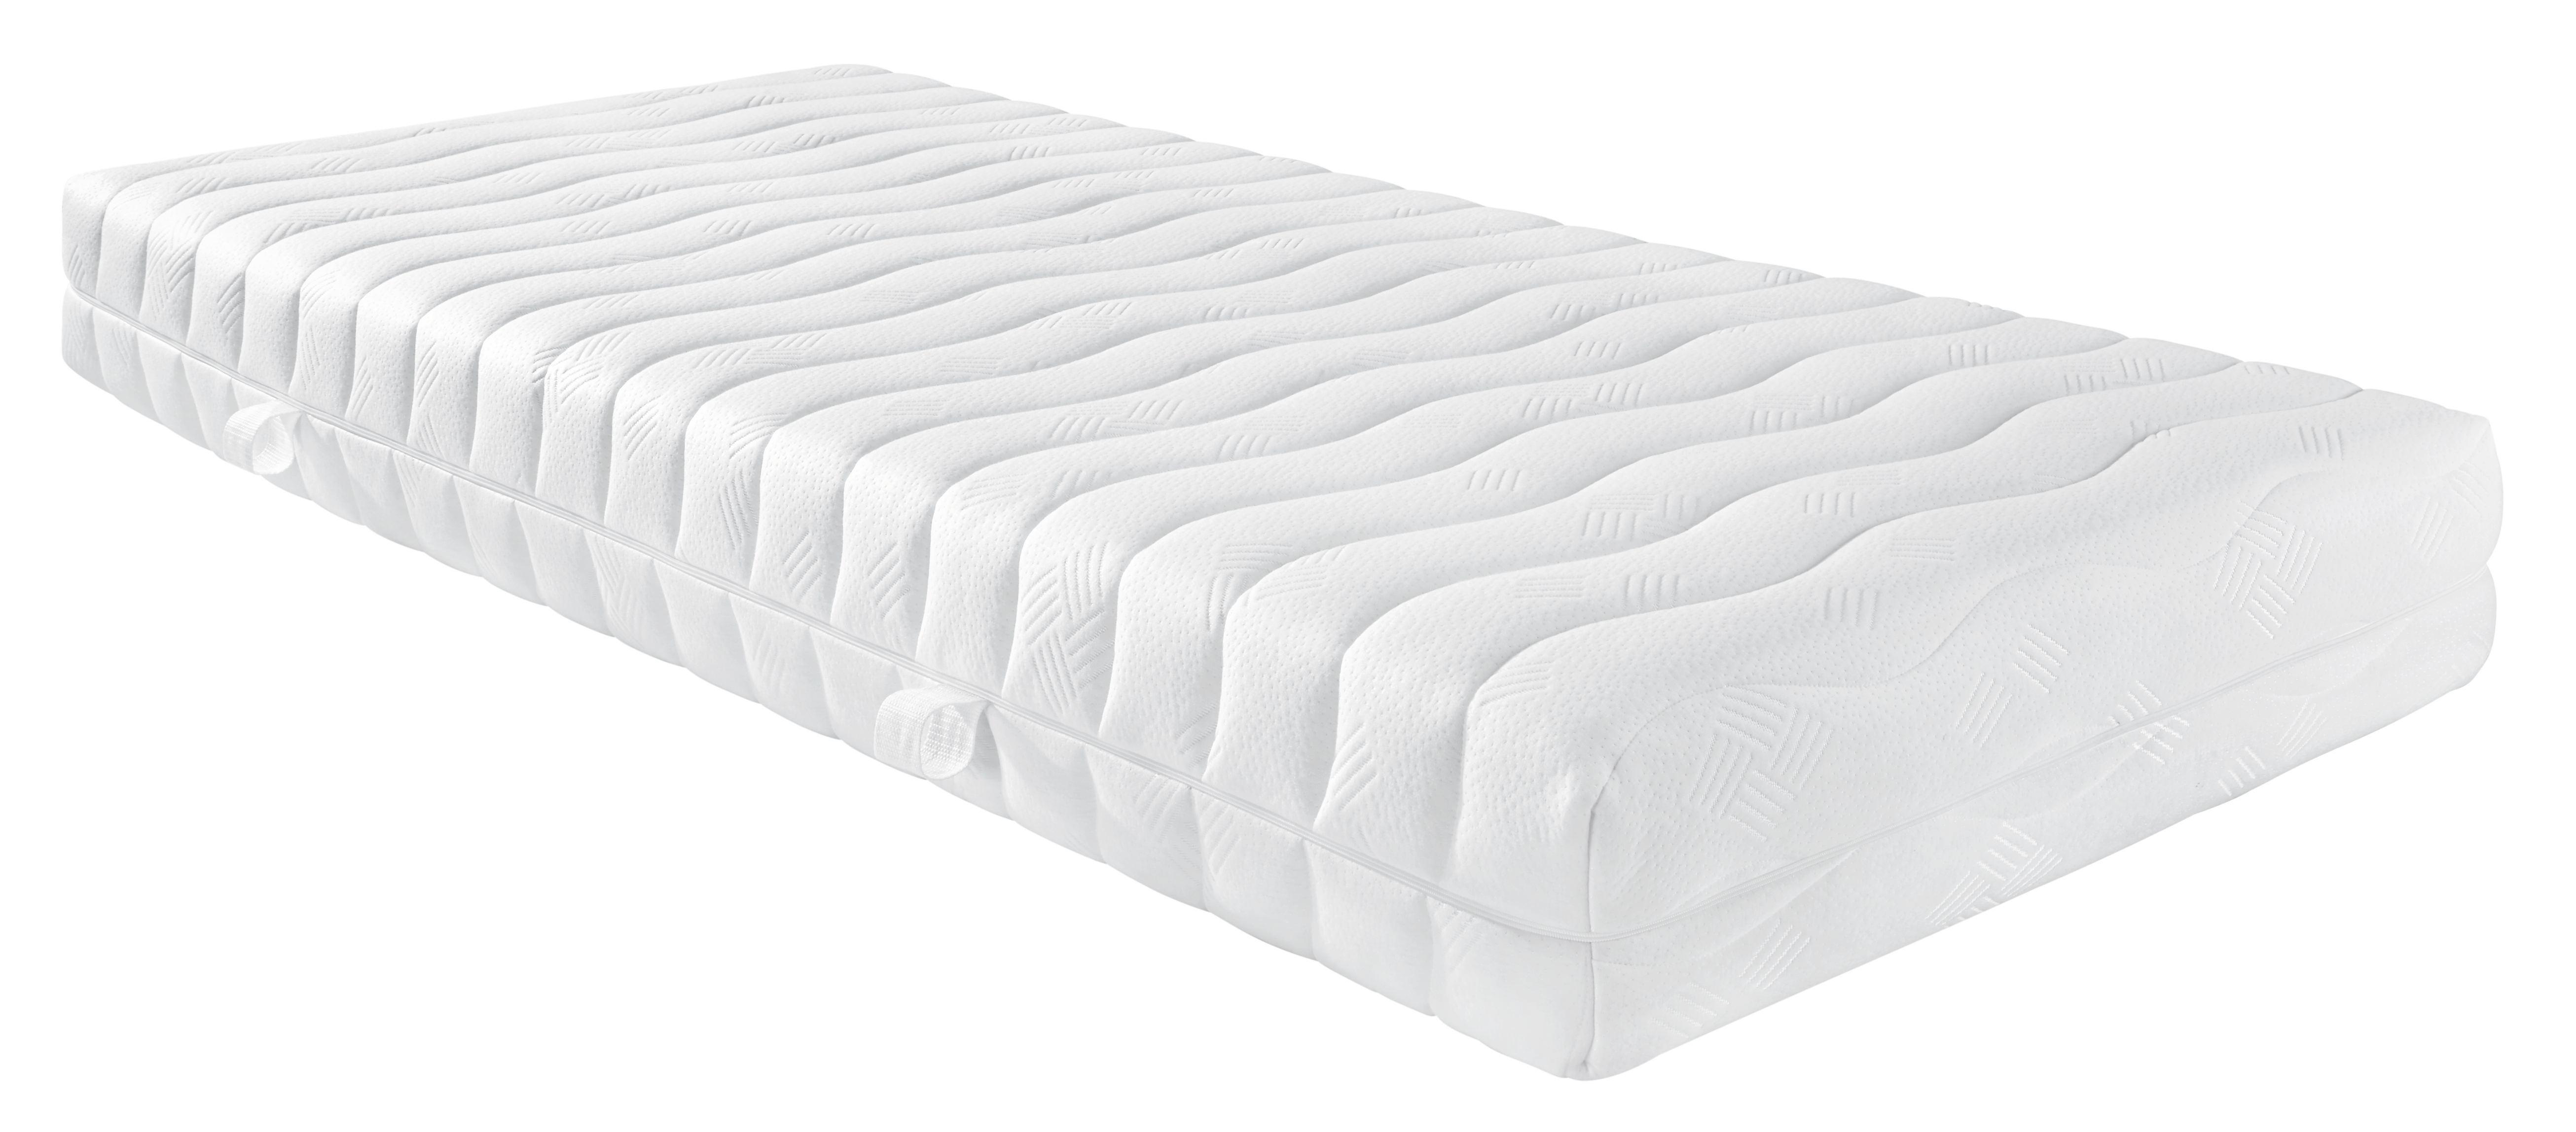 Wendematratze Komfortschaumkern,ca. 90x200cm - Weiß, Textil (90/200/20cm) - NADANA